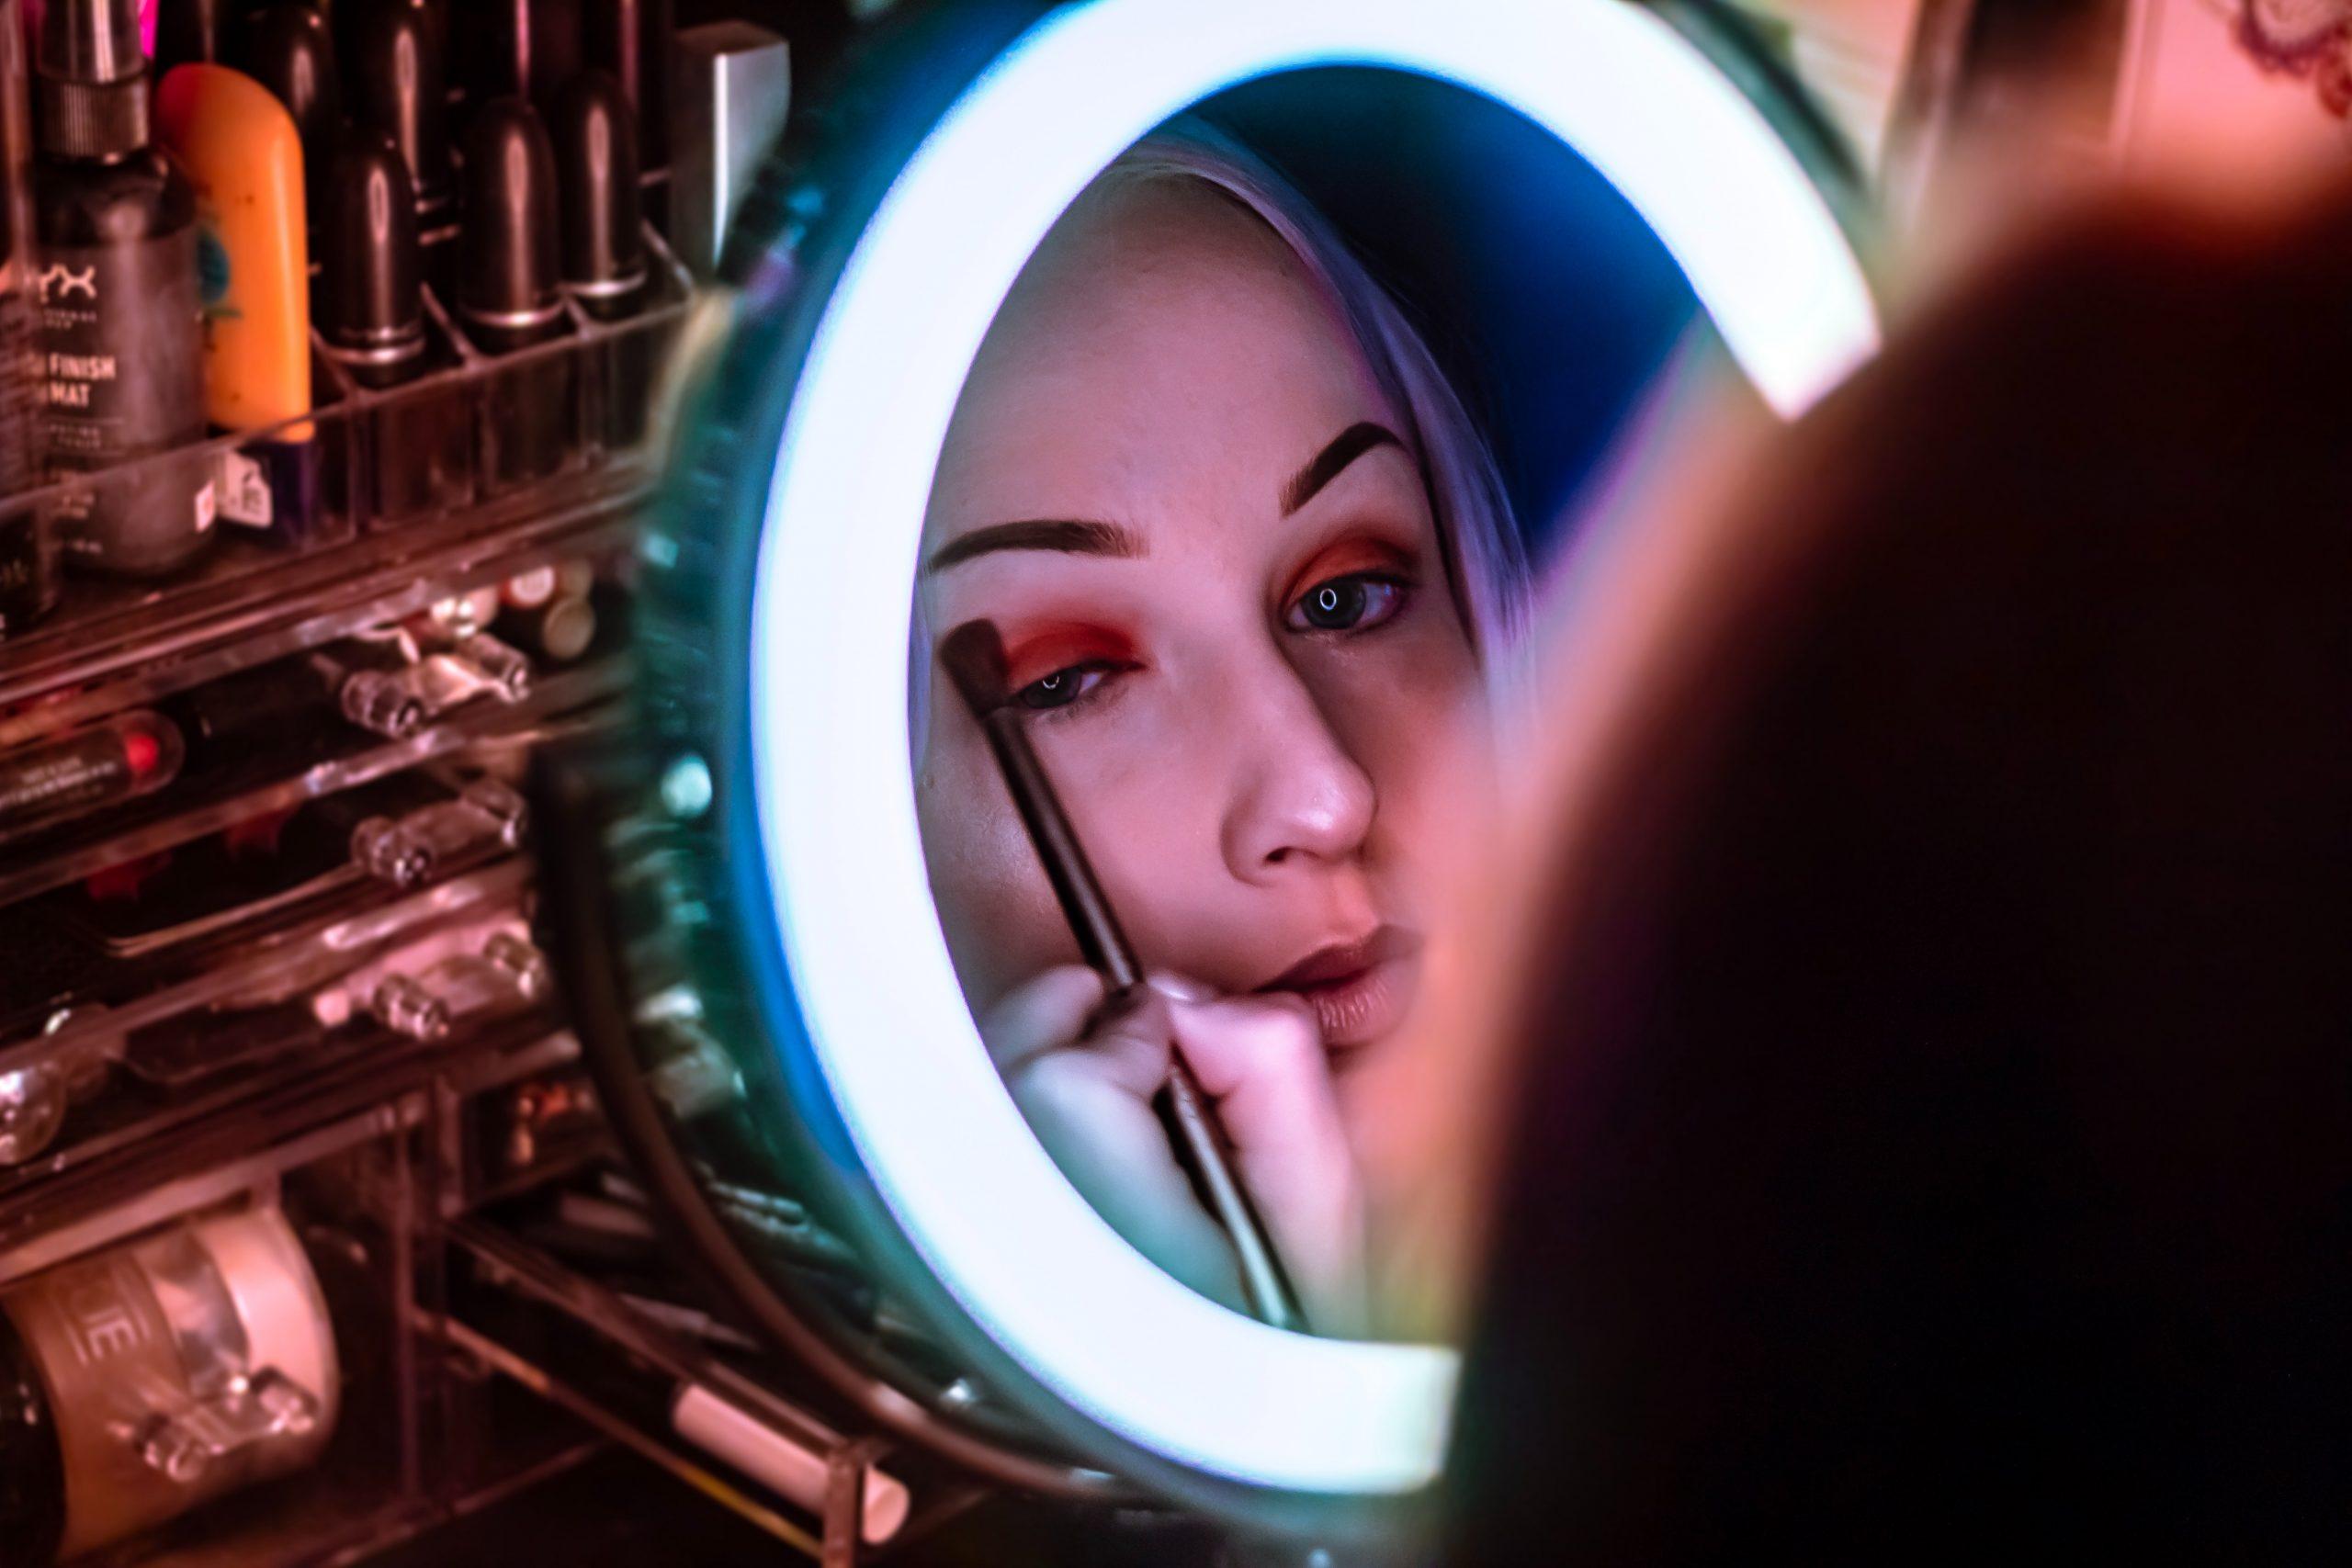 Foto de uma mulher passando maquiagem nos olhos, em frente a um espelho redondo, com luz de led.